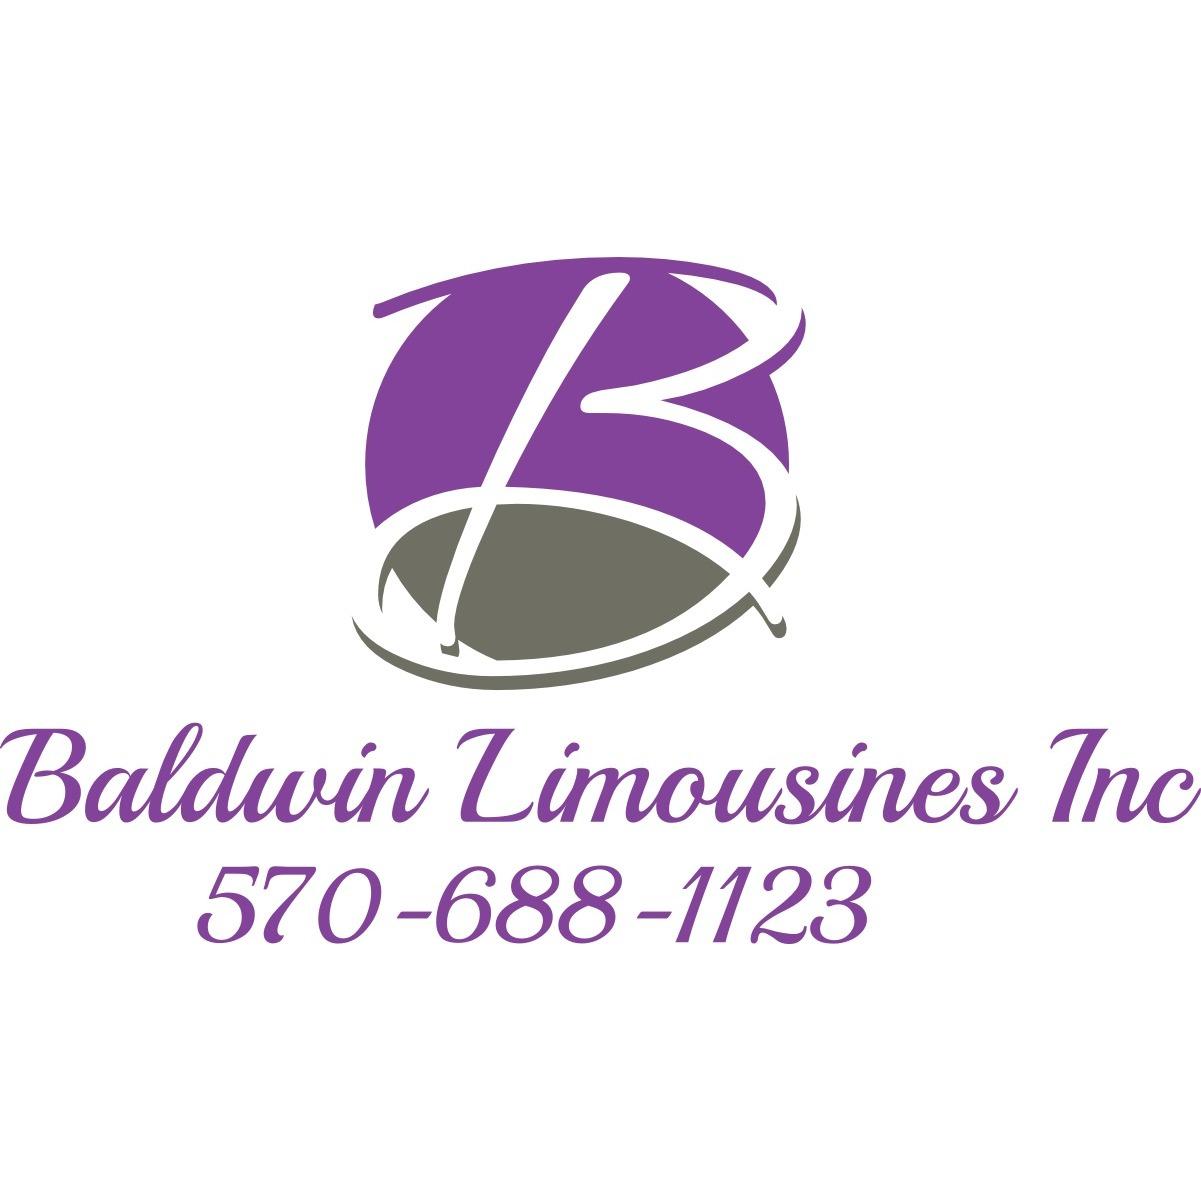 Baldwin Limousines Inc.